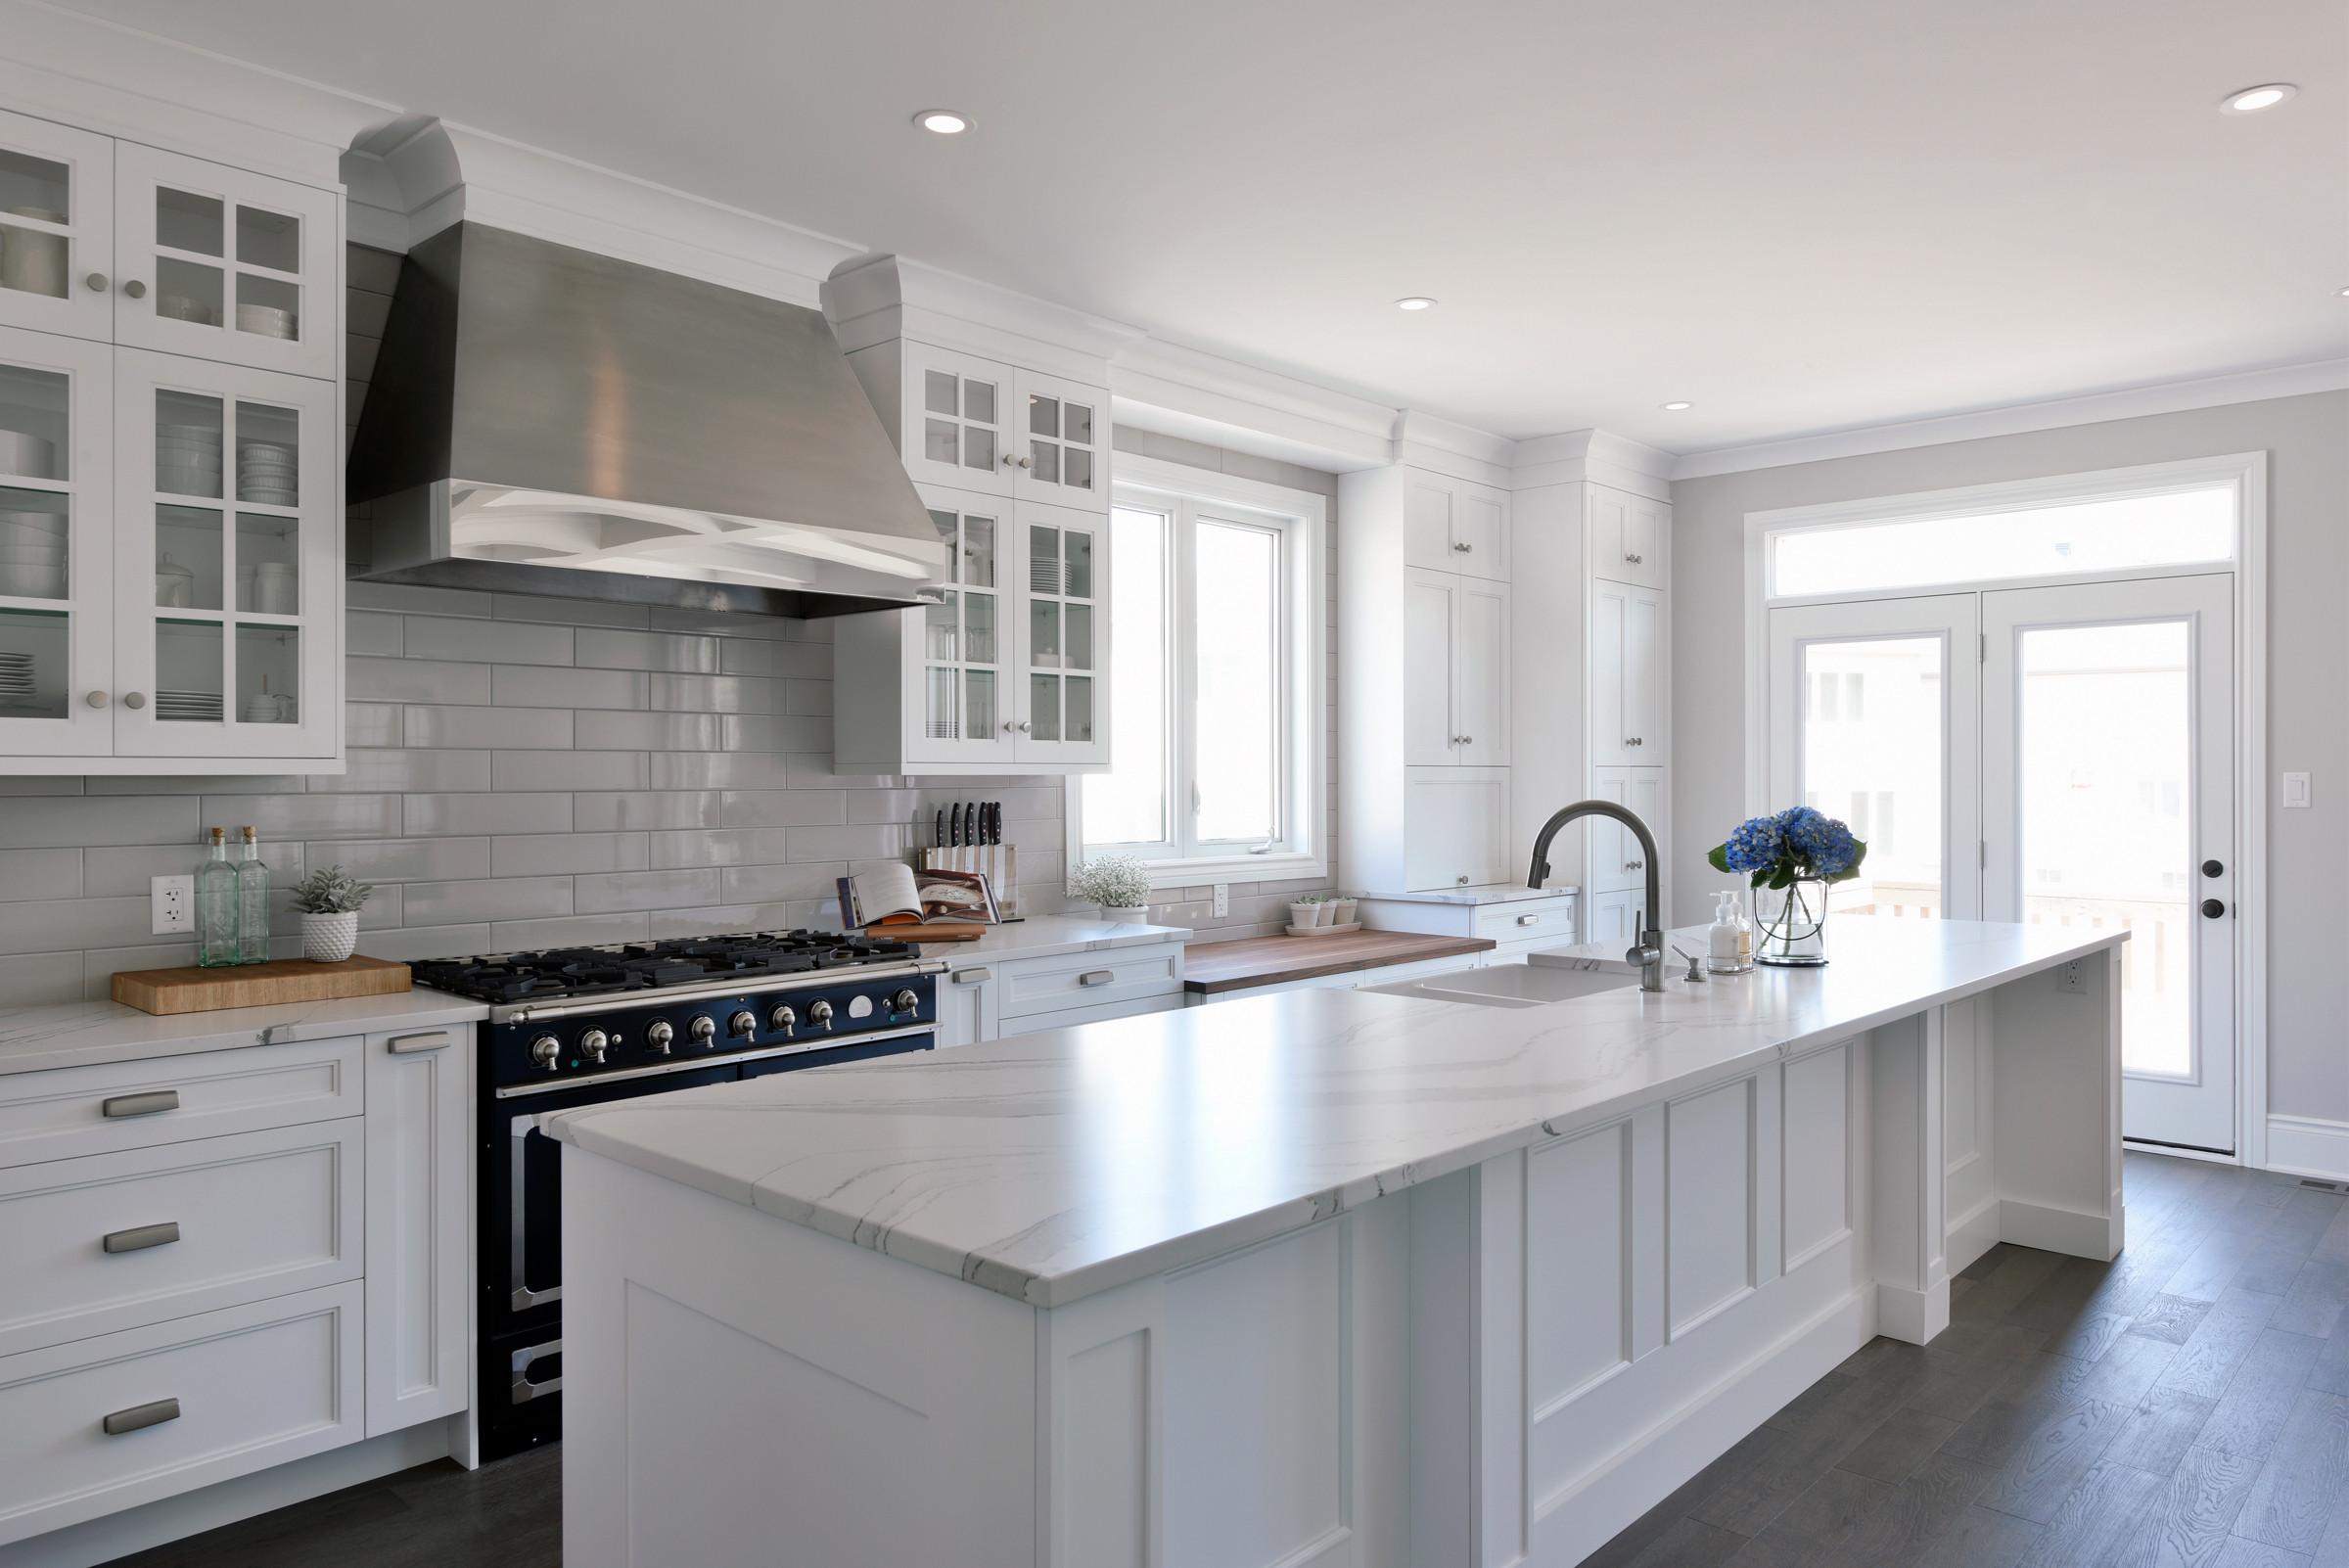 A kitchen installation by Deslaurier.